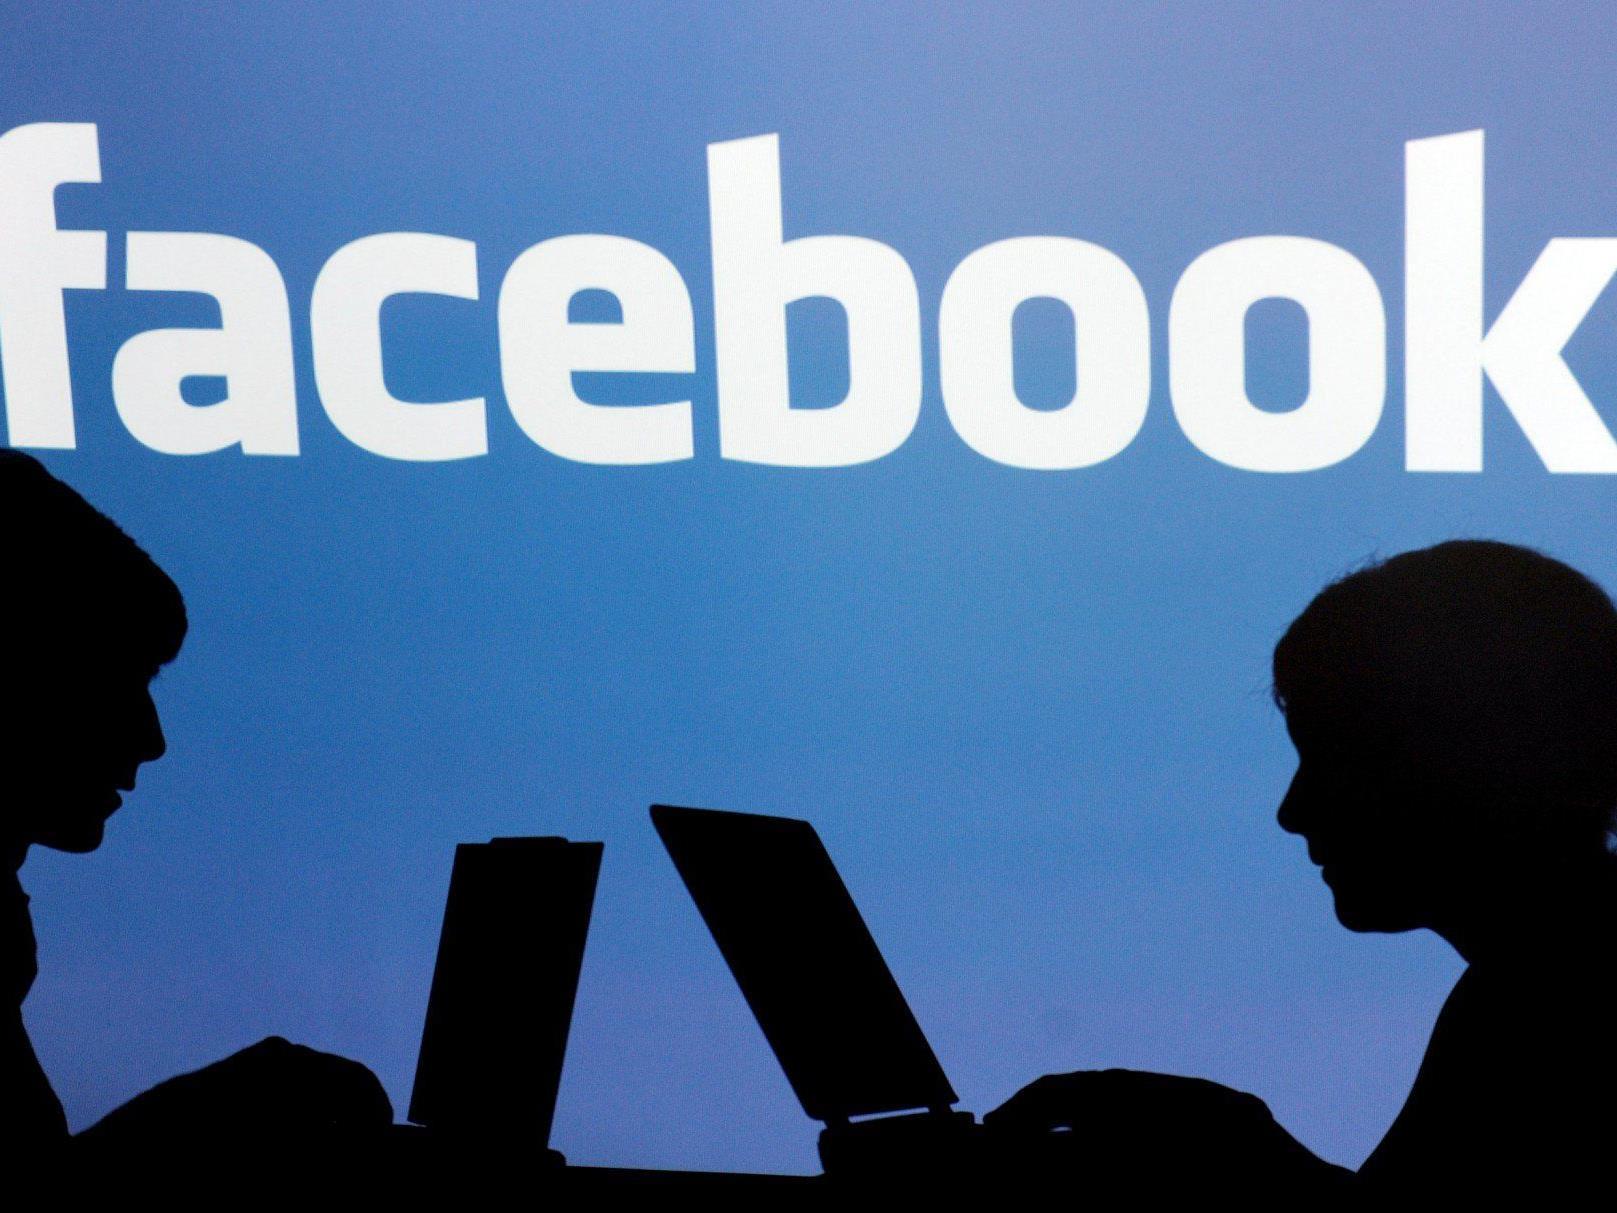 Nach dem starken Verlust überrascht die Facebook-Aktie nun mit einem rasanten Wachstum.